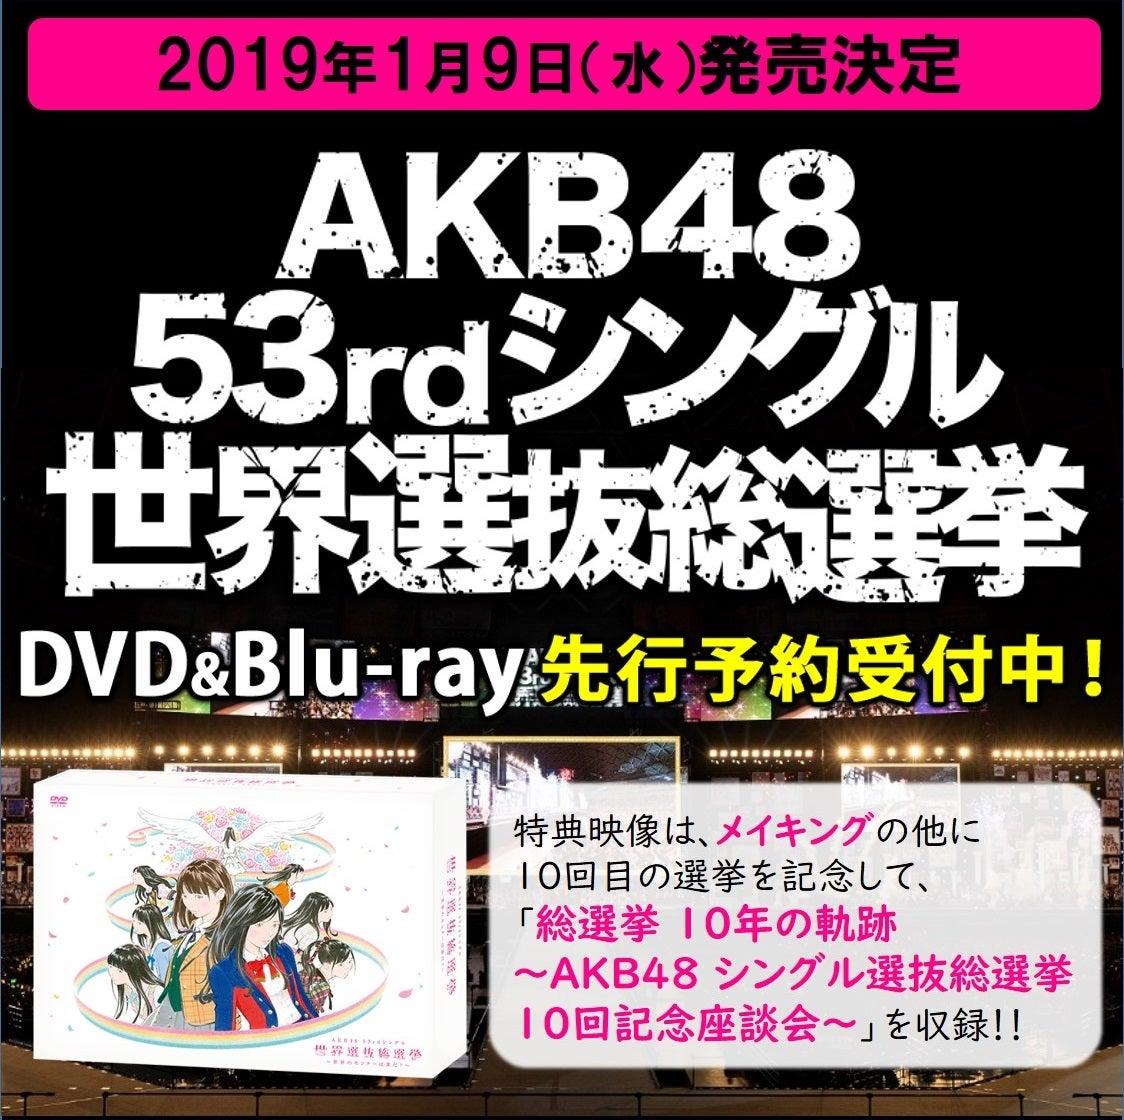 2019/1/9発売決定「AKB48 53rdシングル 世界選抜総選挙」DVD&Blu-ray ...